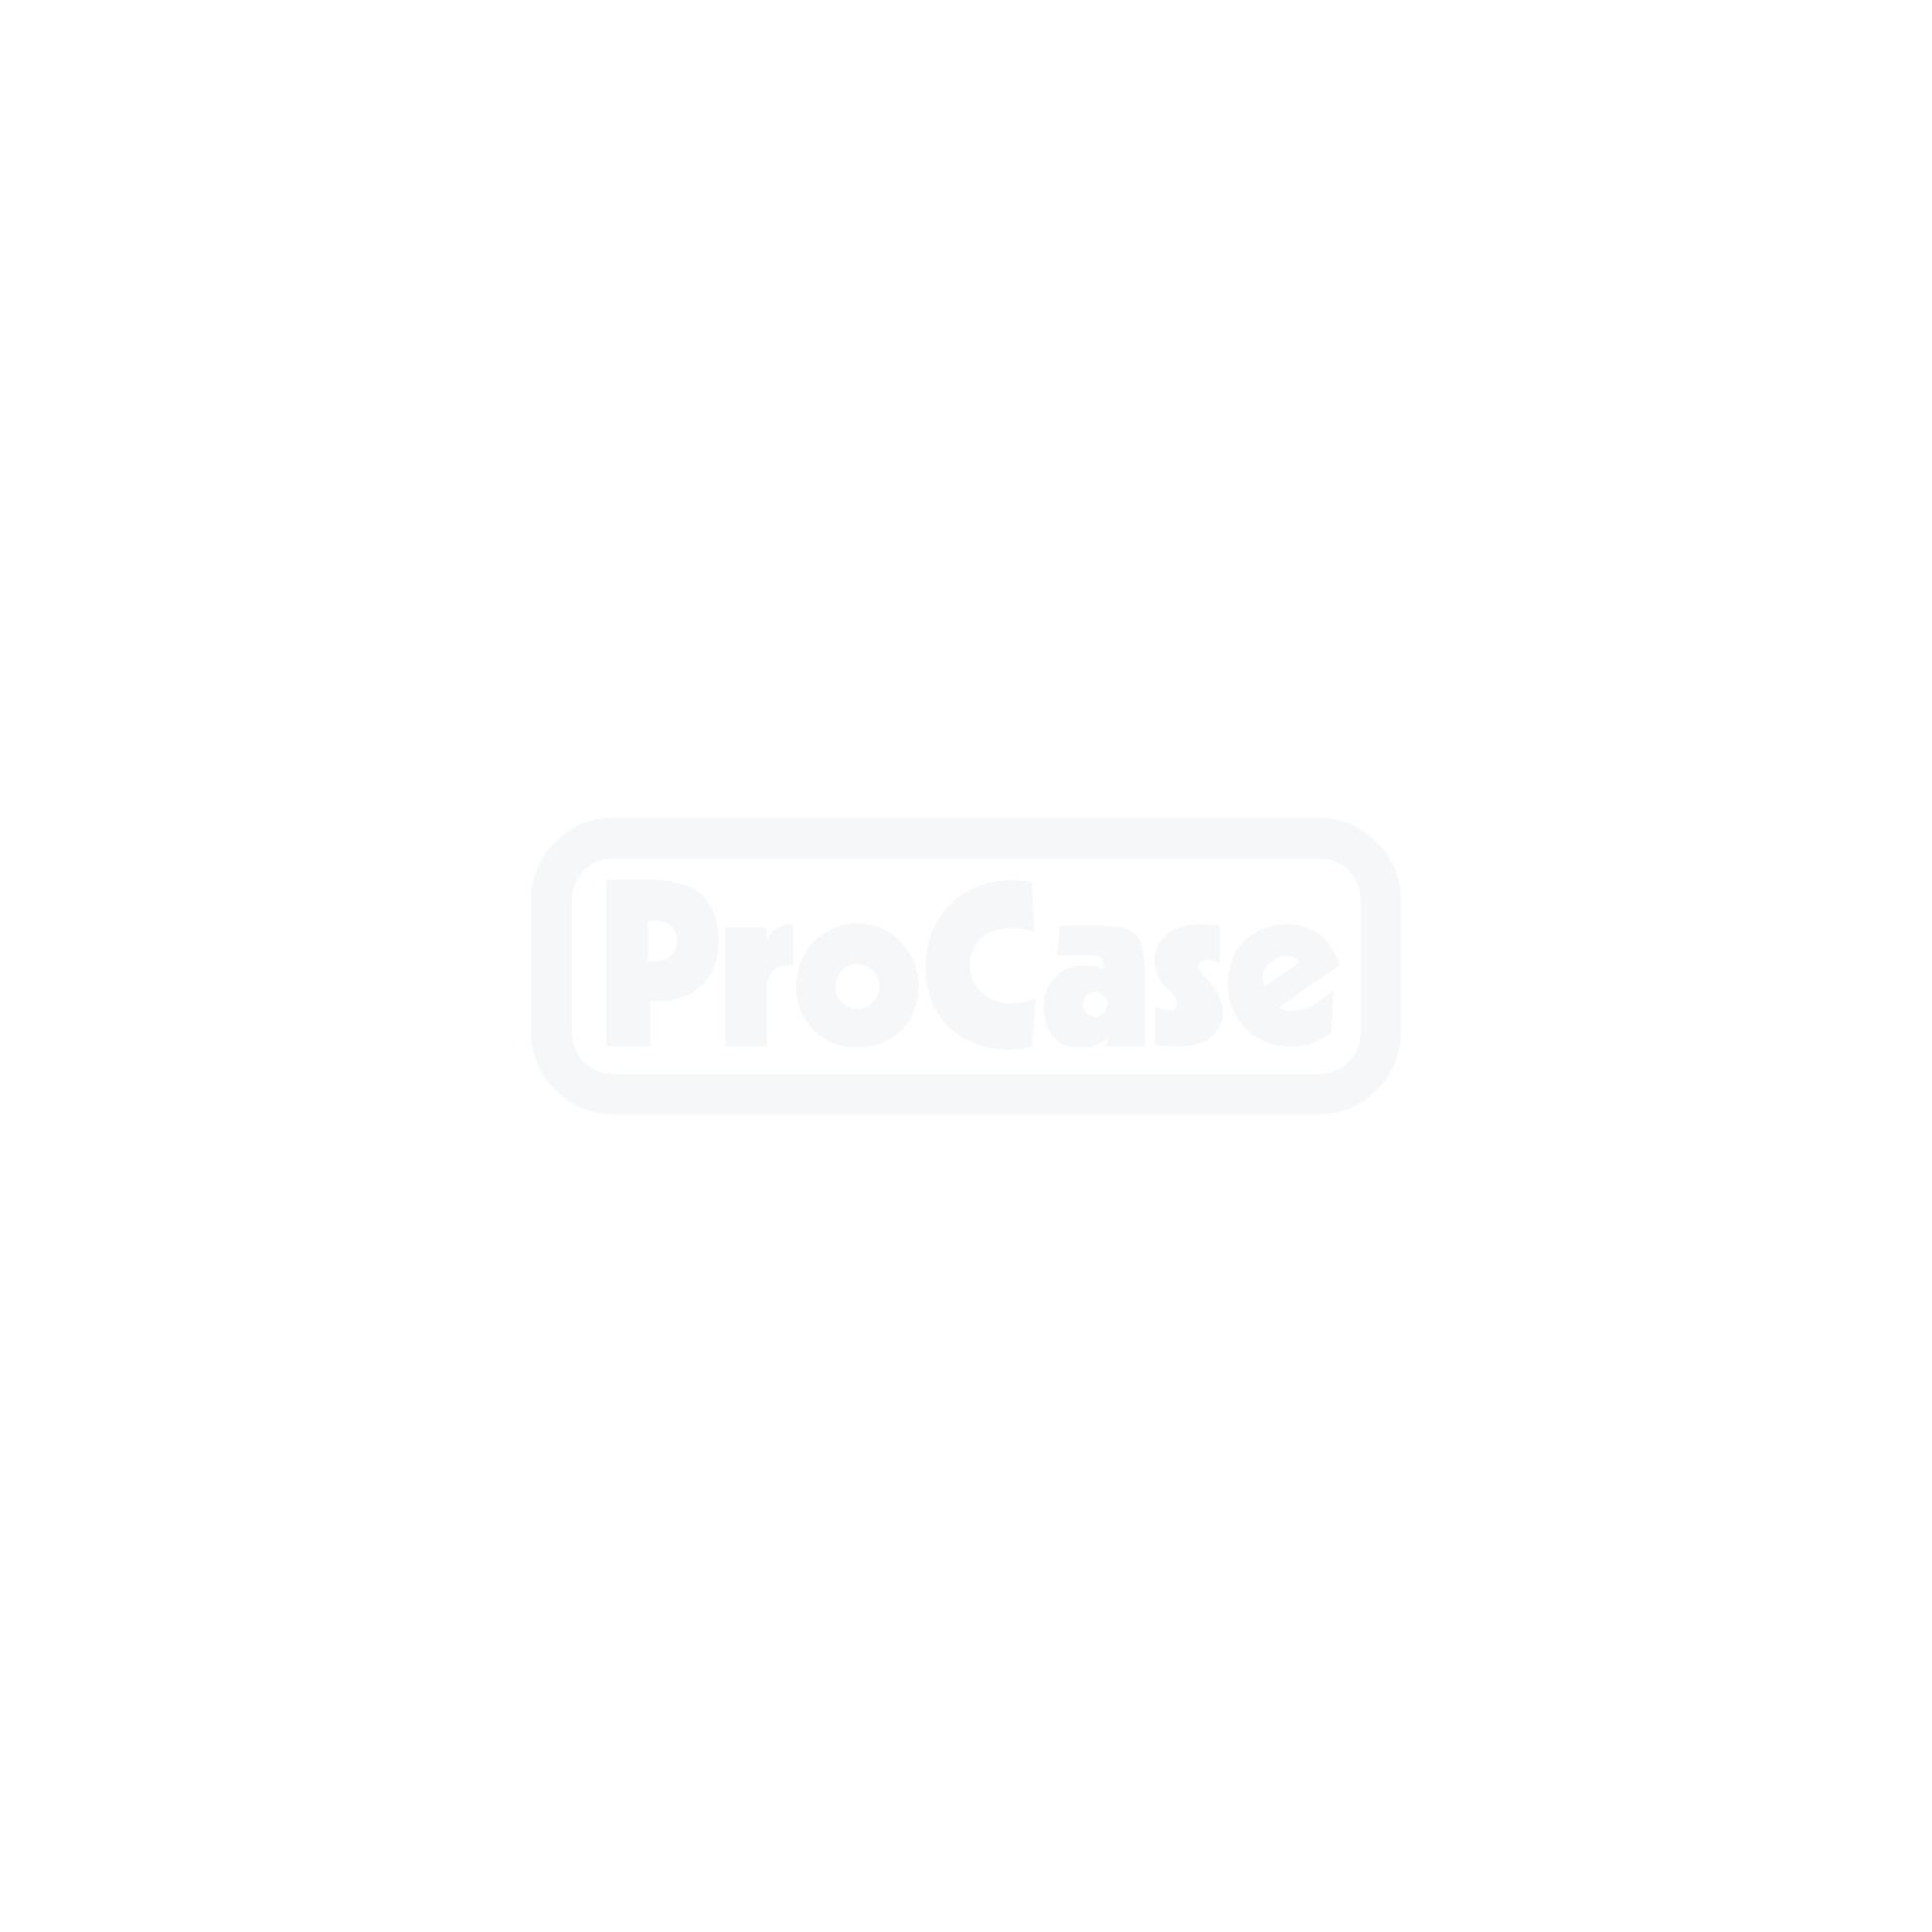 Flightcase für 4 Chauvet Ovation E-910FC IP 15°-30° 2